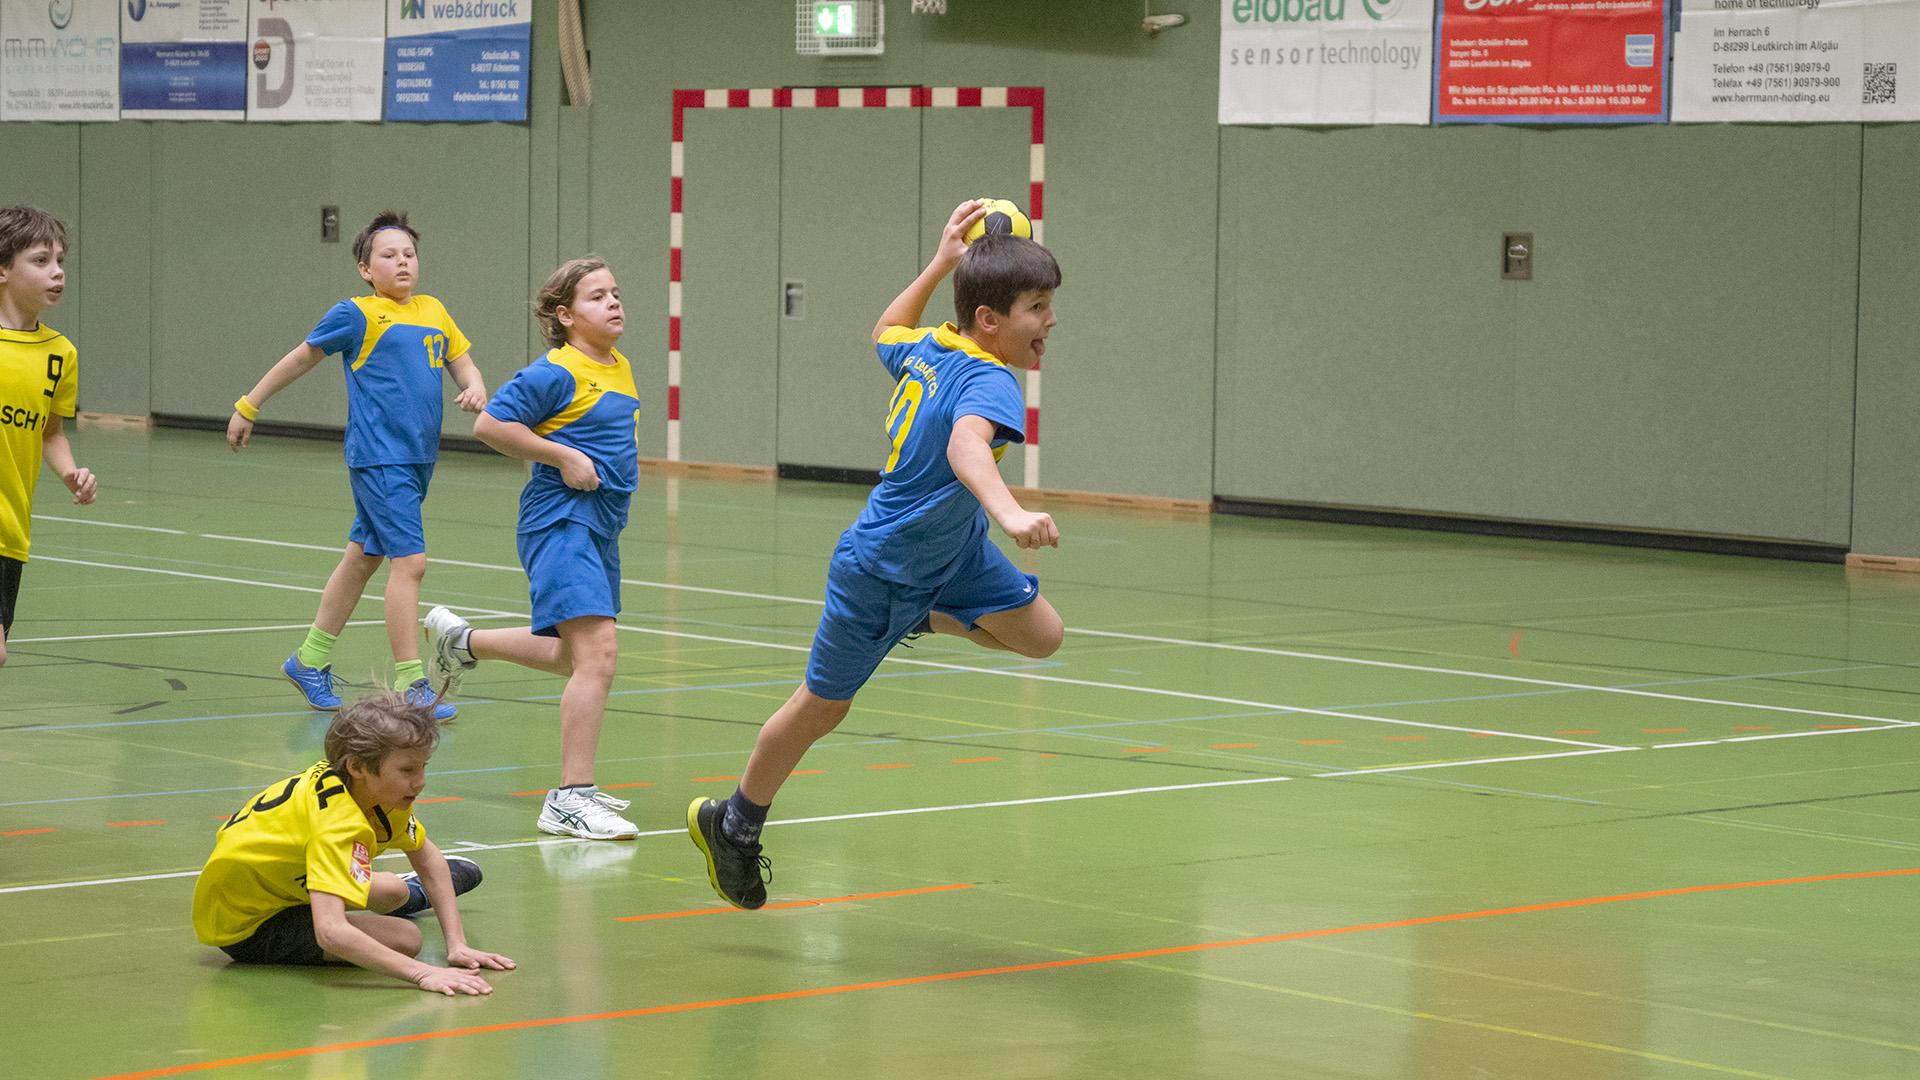 023Slider_gE_tsg_leutkirch_handball